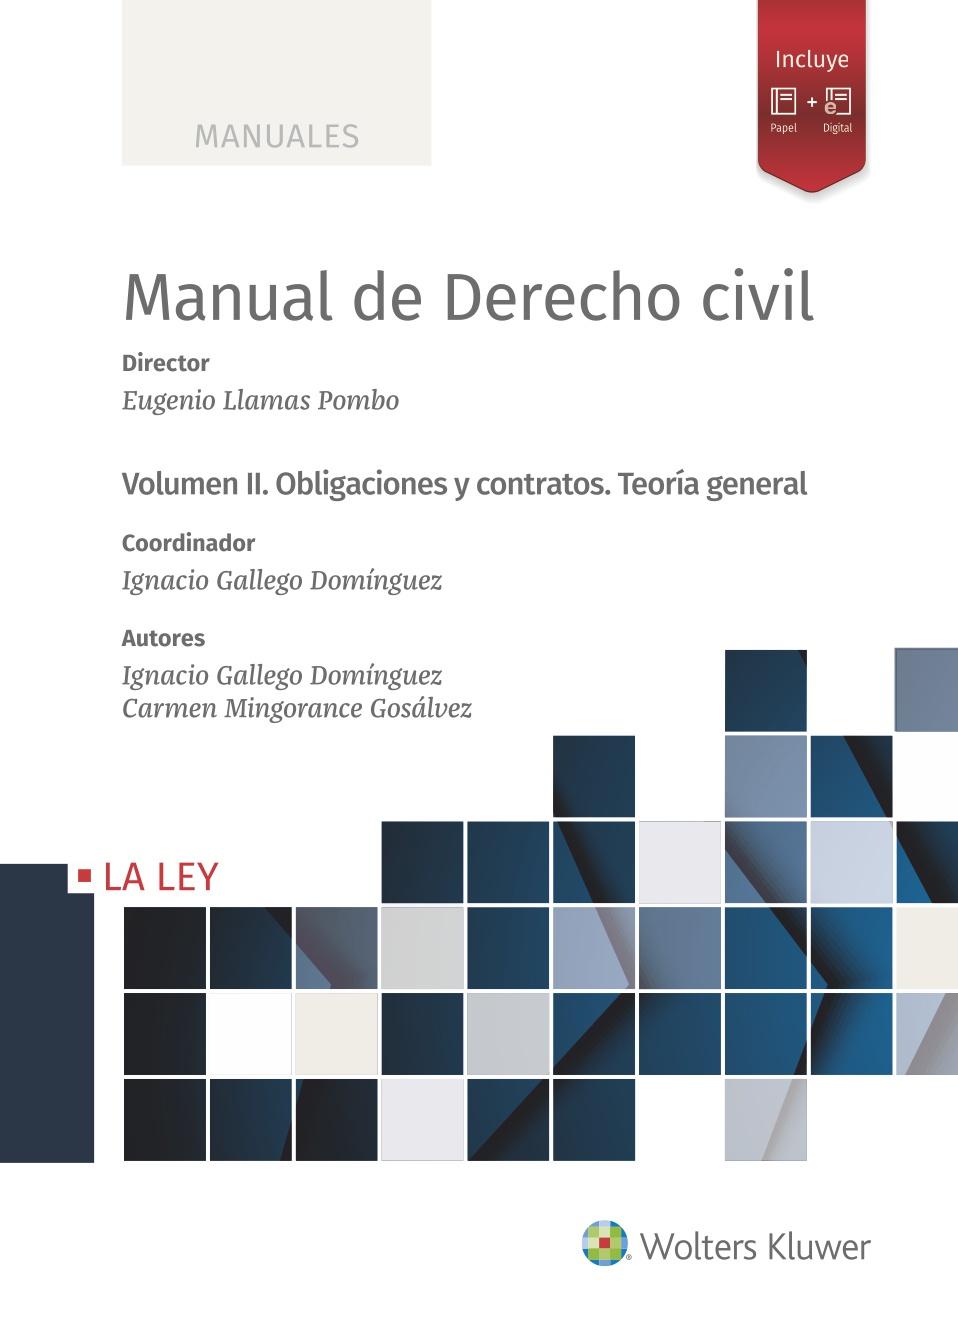 Manual de Derecho Civil   «Volumen II. Obligaciones y Contratos. Teoría general»